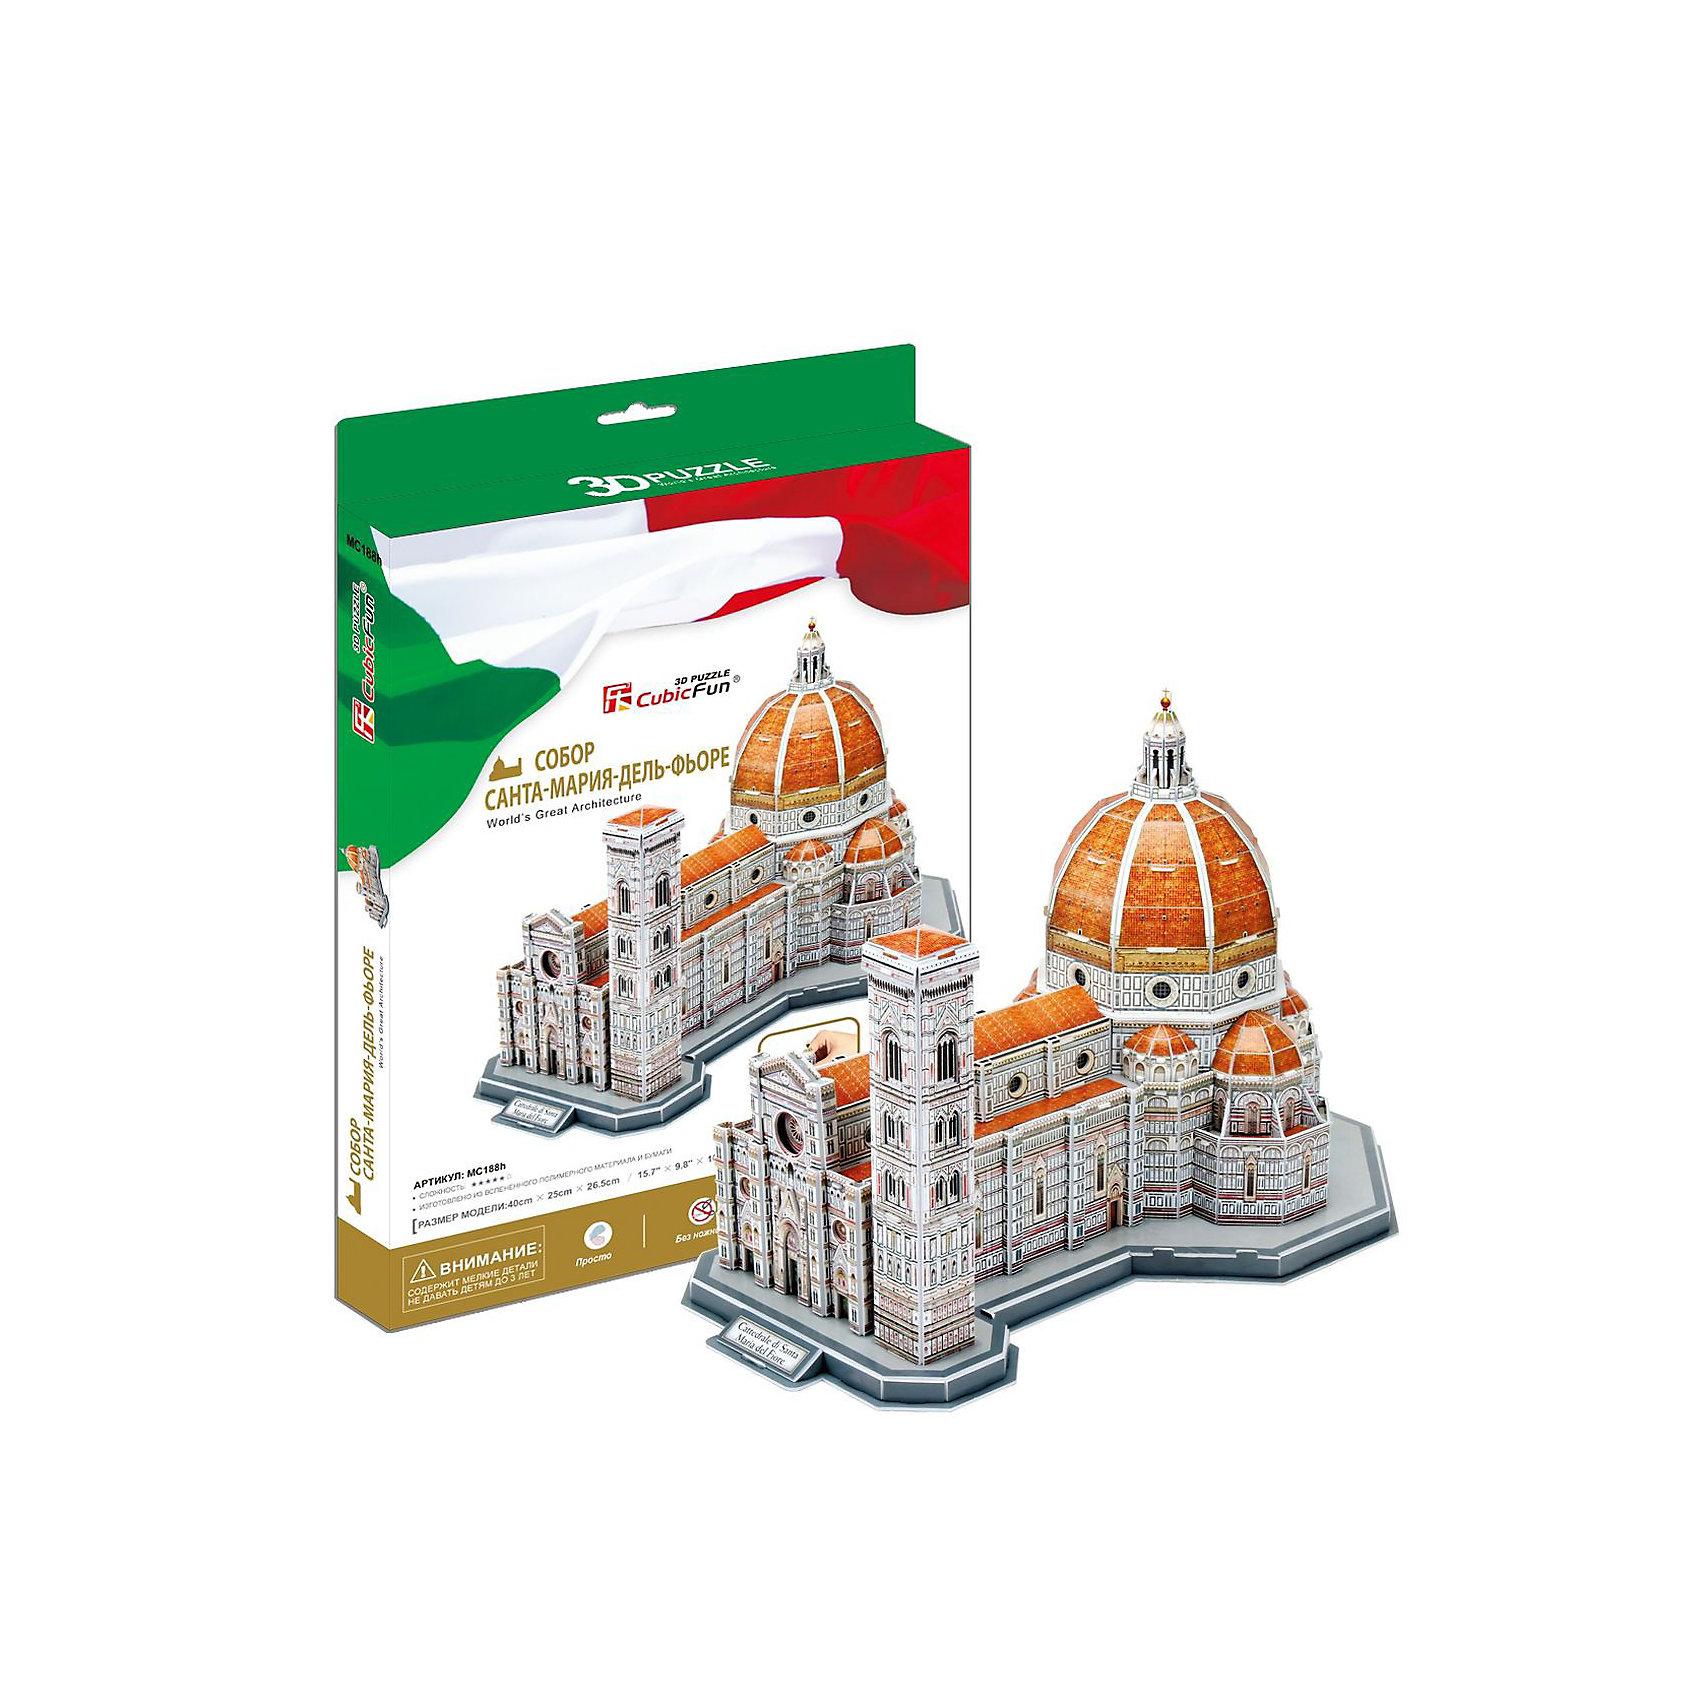 Пазл 3D Собор Санта-Мария-дель-Фьоре (Италия), CubicFun3D пазлы<br>Собор Санта-Мария-дель-Фьоре — кафедральный собор во Флоренции, самое знаменитое из архитектурных сооружений флорентийского кватроченто. Находится в самом сердце города на соборной площади.<br><br>Ширина мм: 220<br>Глубина мм: 35<br>Высота мм: 330<br>Вес г: 604<br>Возраст от месяцев: 60<br>Возраст до месяцев: 144<br>Пол: Унисекс<br>Возраст: Детский<br>SKU: 3548342